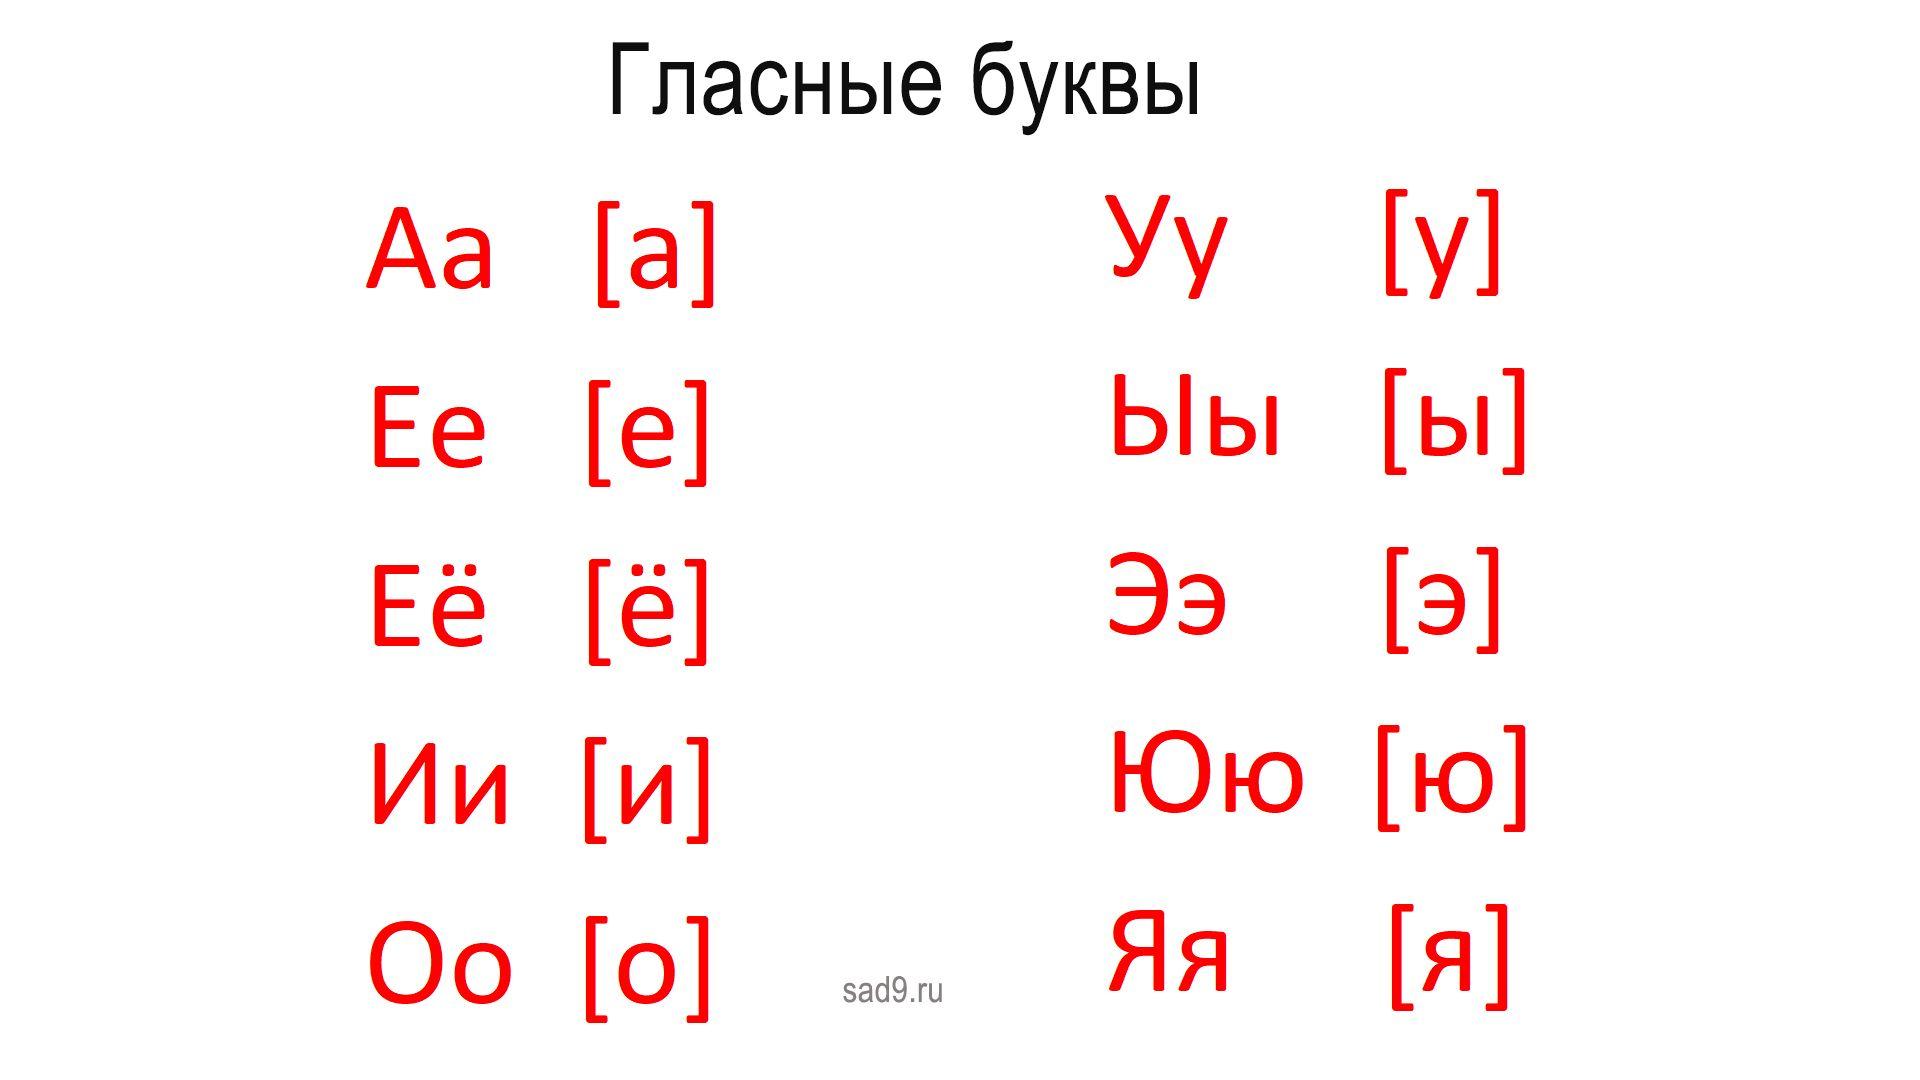 Гласные буквы русского алфавита